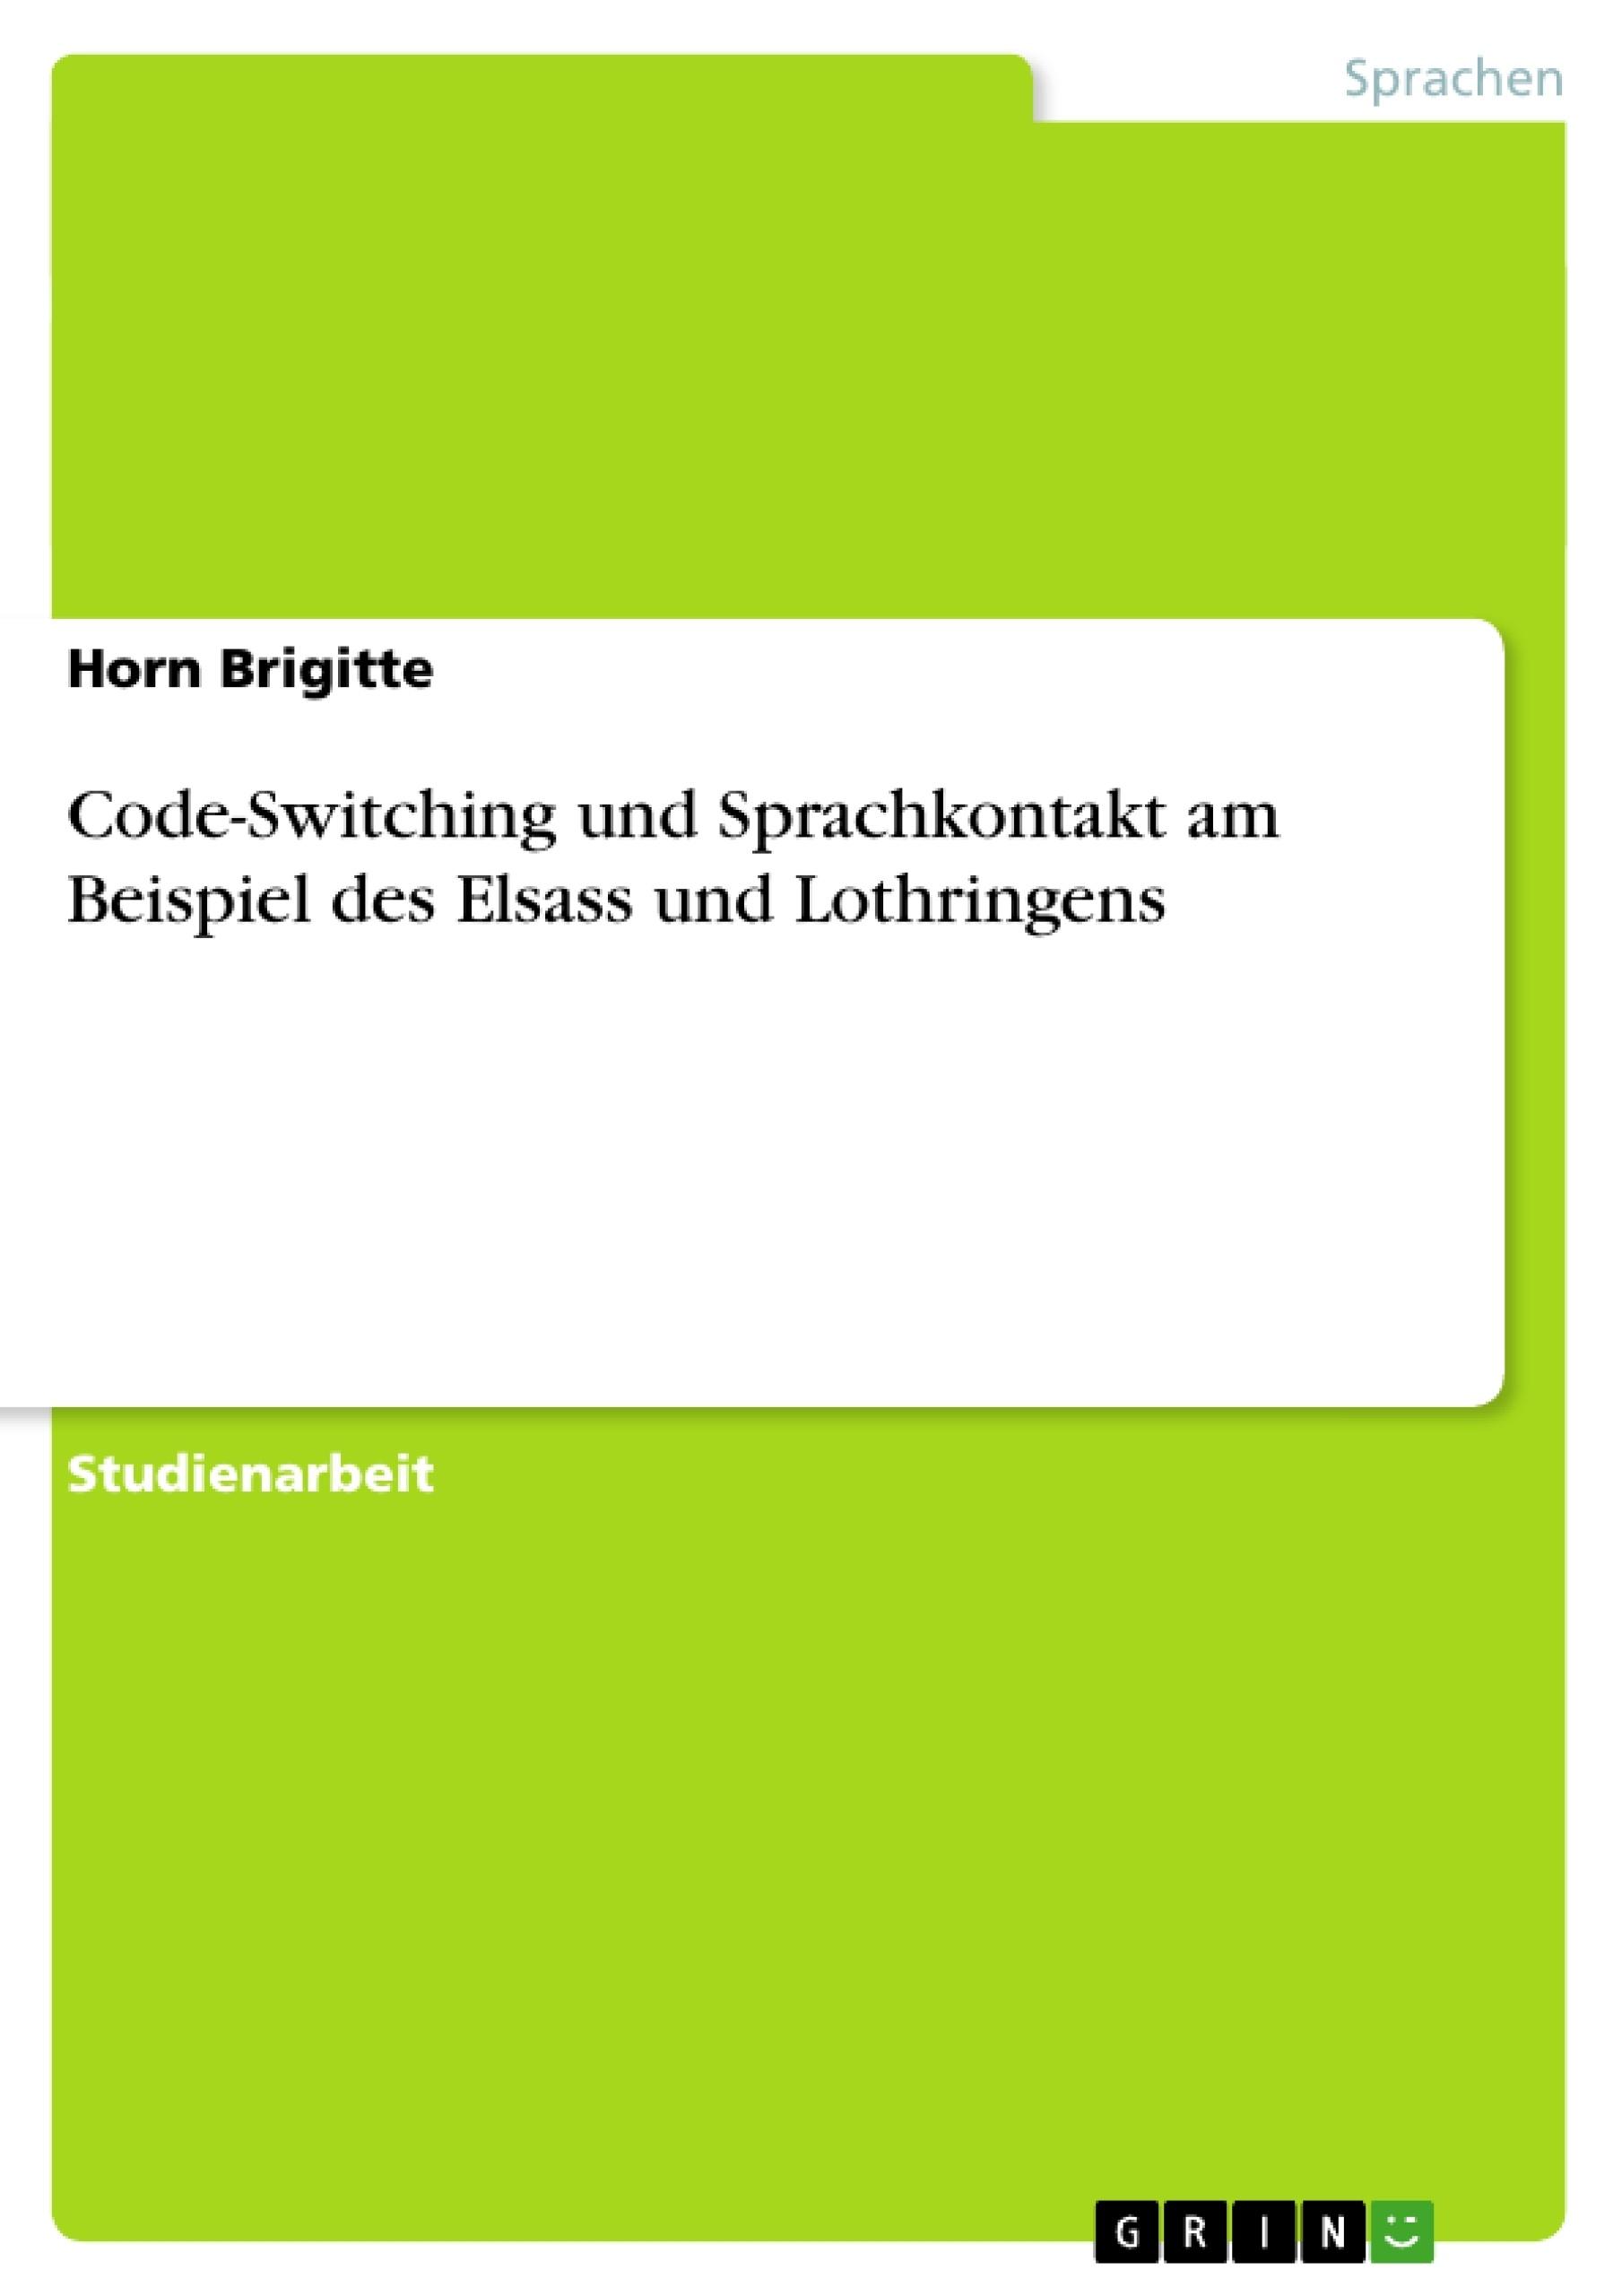 Titel: Code-Switching und Sprachkontakt am Beispiel des Elsass und Lothringens